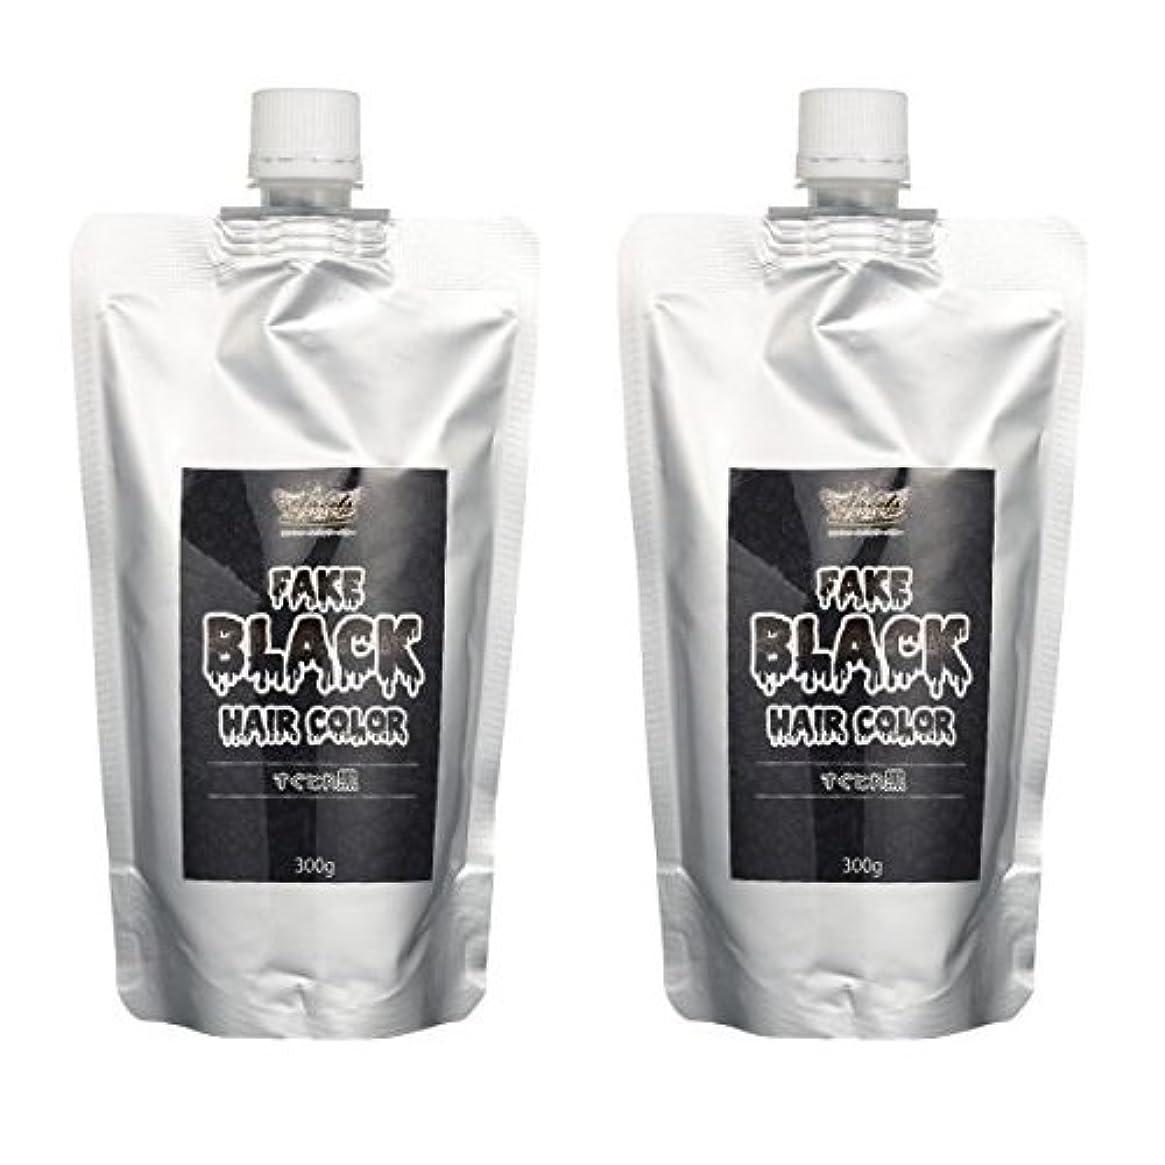 腹痛葉巻消費者【2本セット】エンシェールズ カラートリートメントバター 300g すぐとれ黒 フェイクブラック